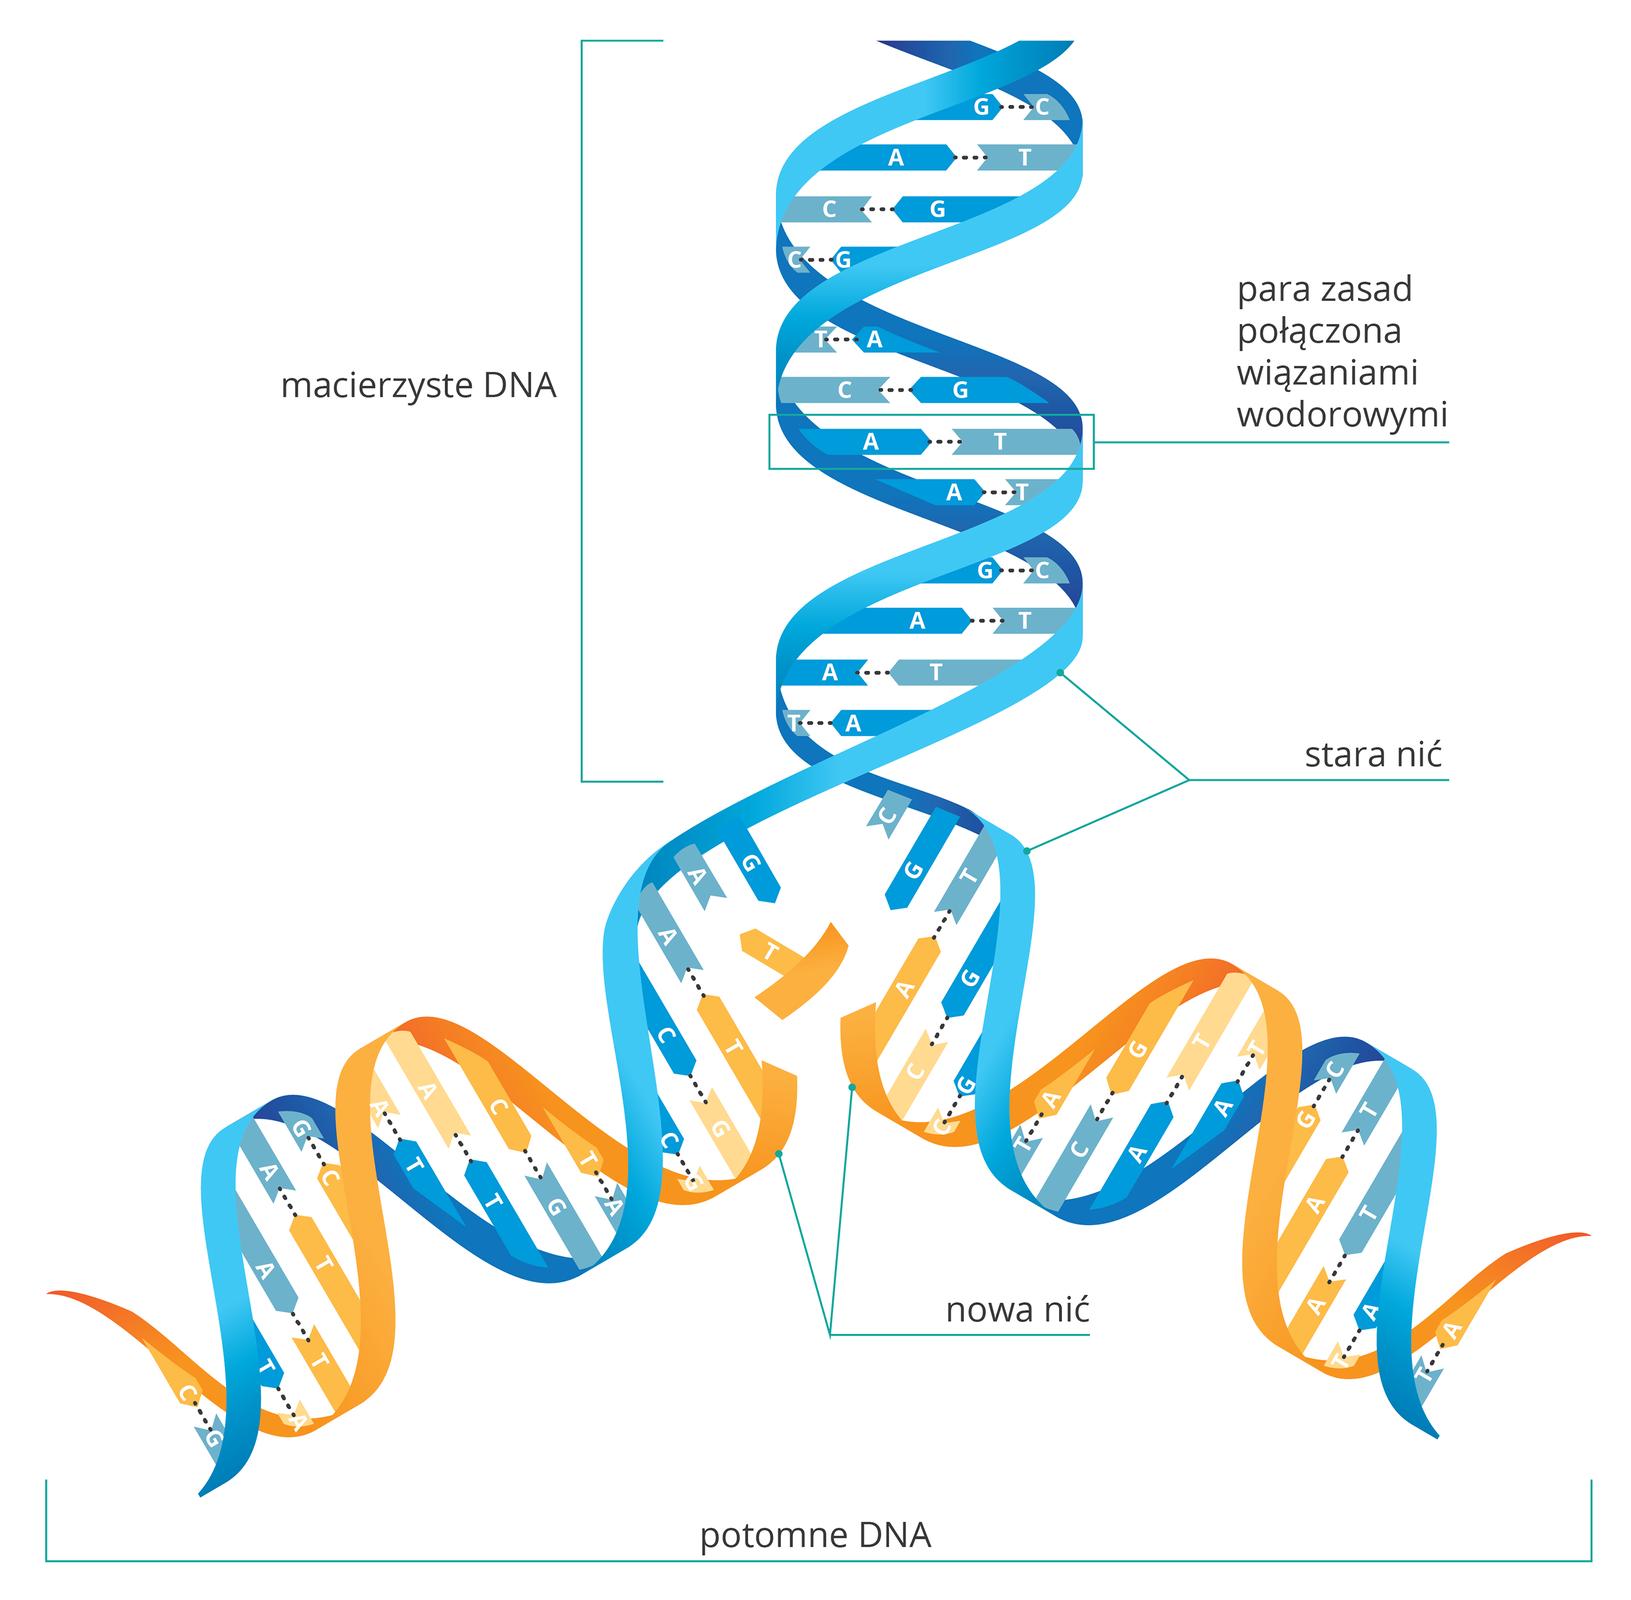 Ilustracja przedstawia replikację DNA. Od góry niebieska nićmacierzysta zparami zasad, połączonych wiązaniami wodorowymi. Wiązania pękają inić rozplata się. Do uwolnionych zasad przyłączane są zasady komplementarne: Ado T, Cdo G. Nowa nić jest wkolorze żółtym. Wwyniku replikacji otrzymujemy dwie takie same nici DNA.